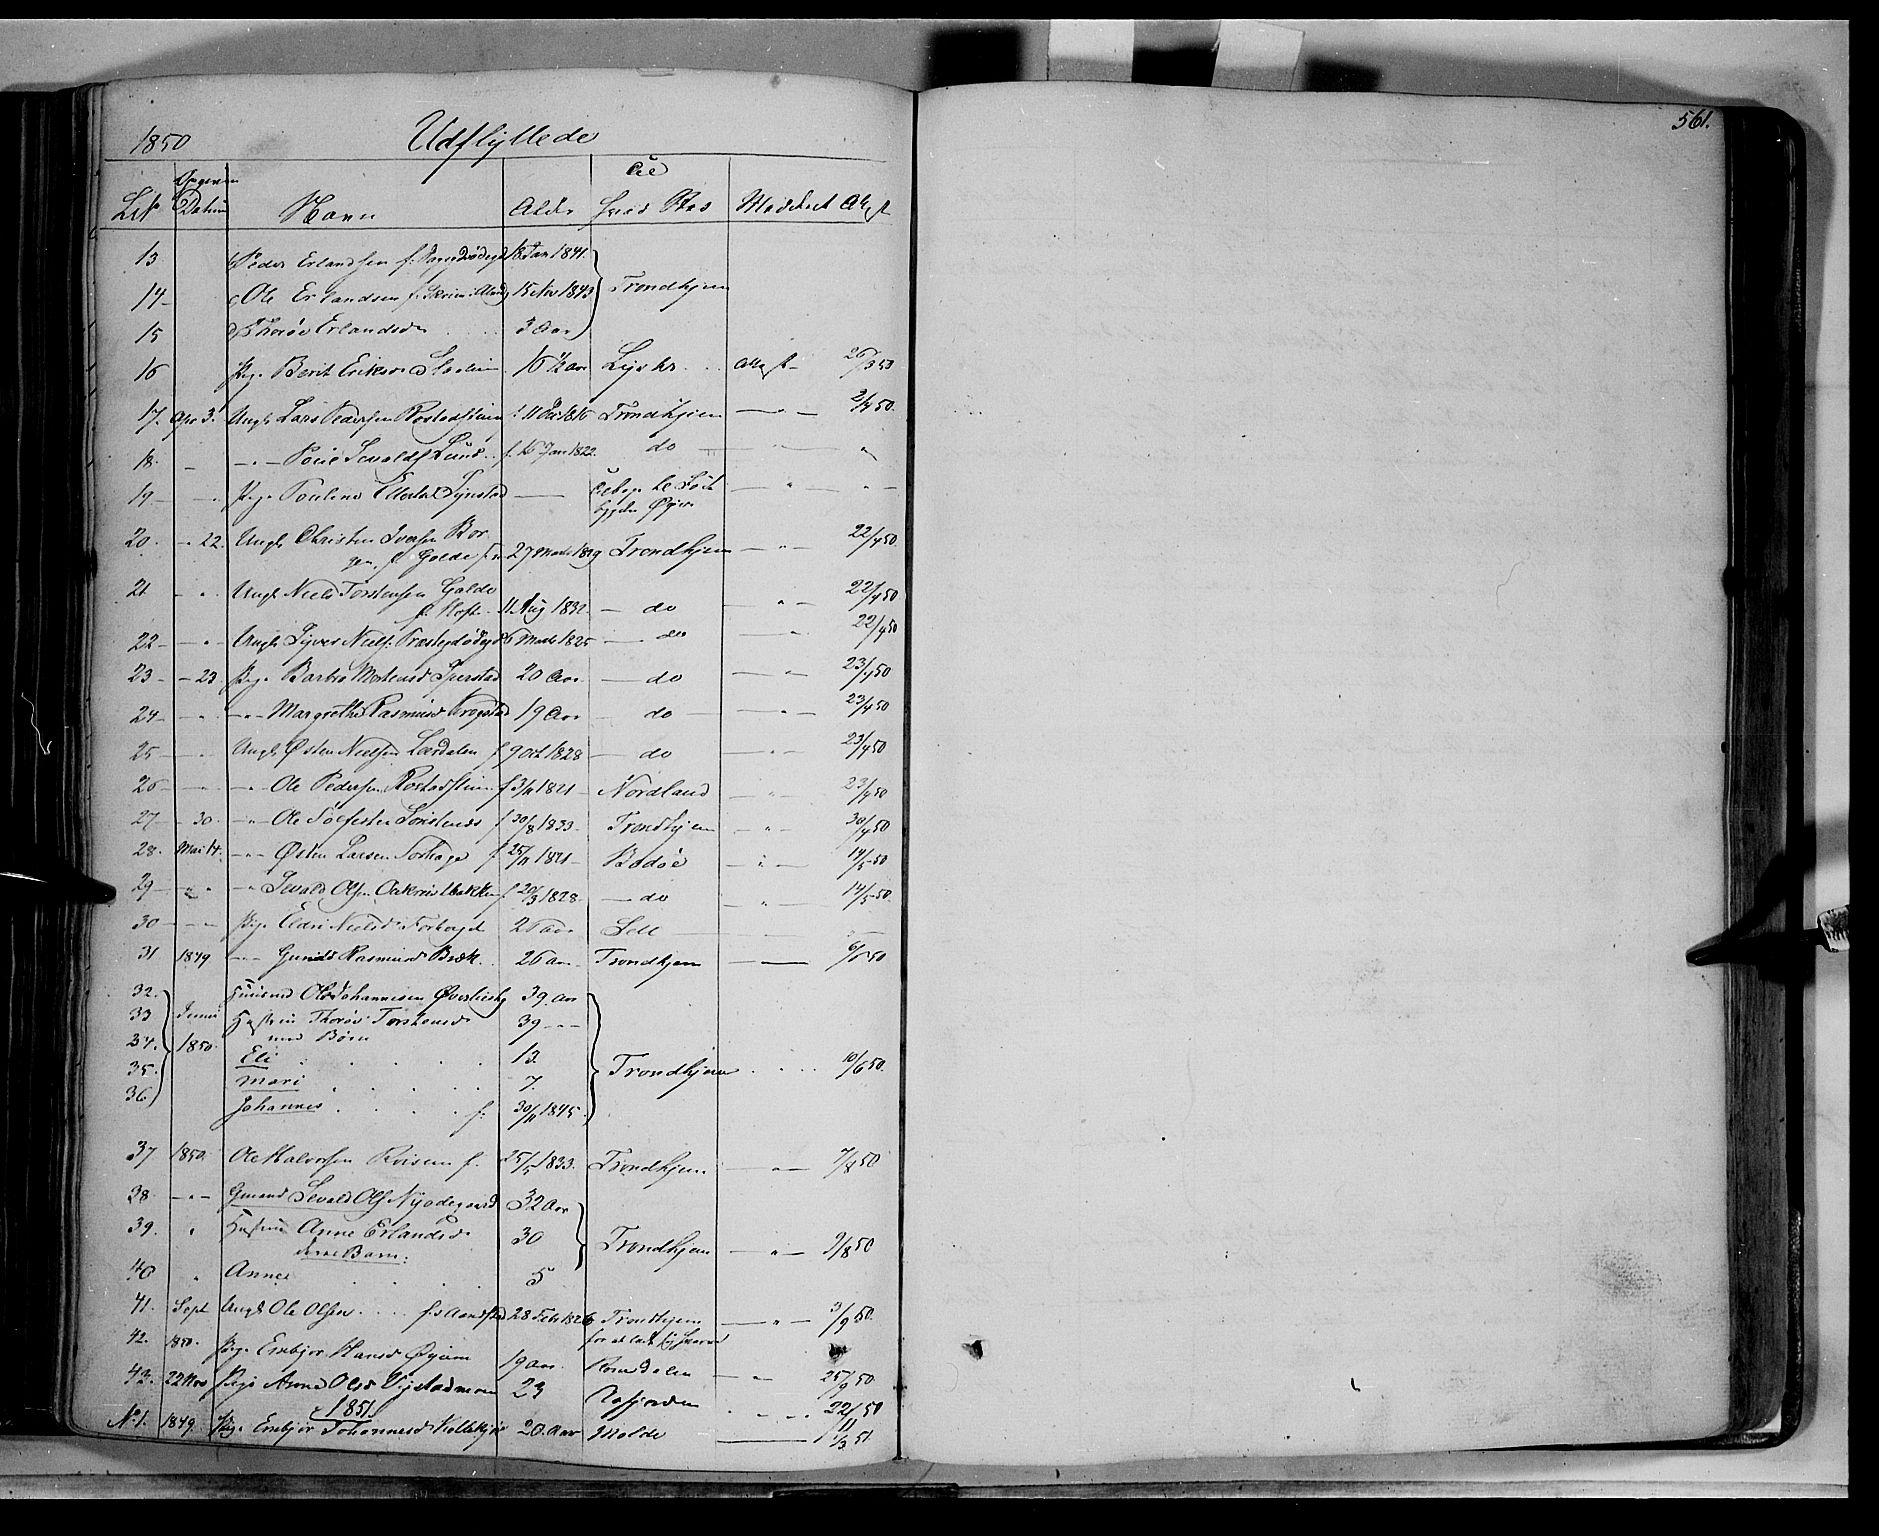 SAH, Lom prestekontor, K/L0006: Ministerialbok nr. 6B, 1837-1863, s. 561